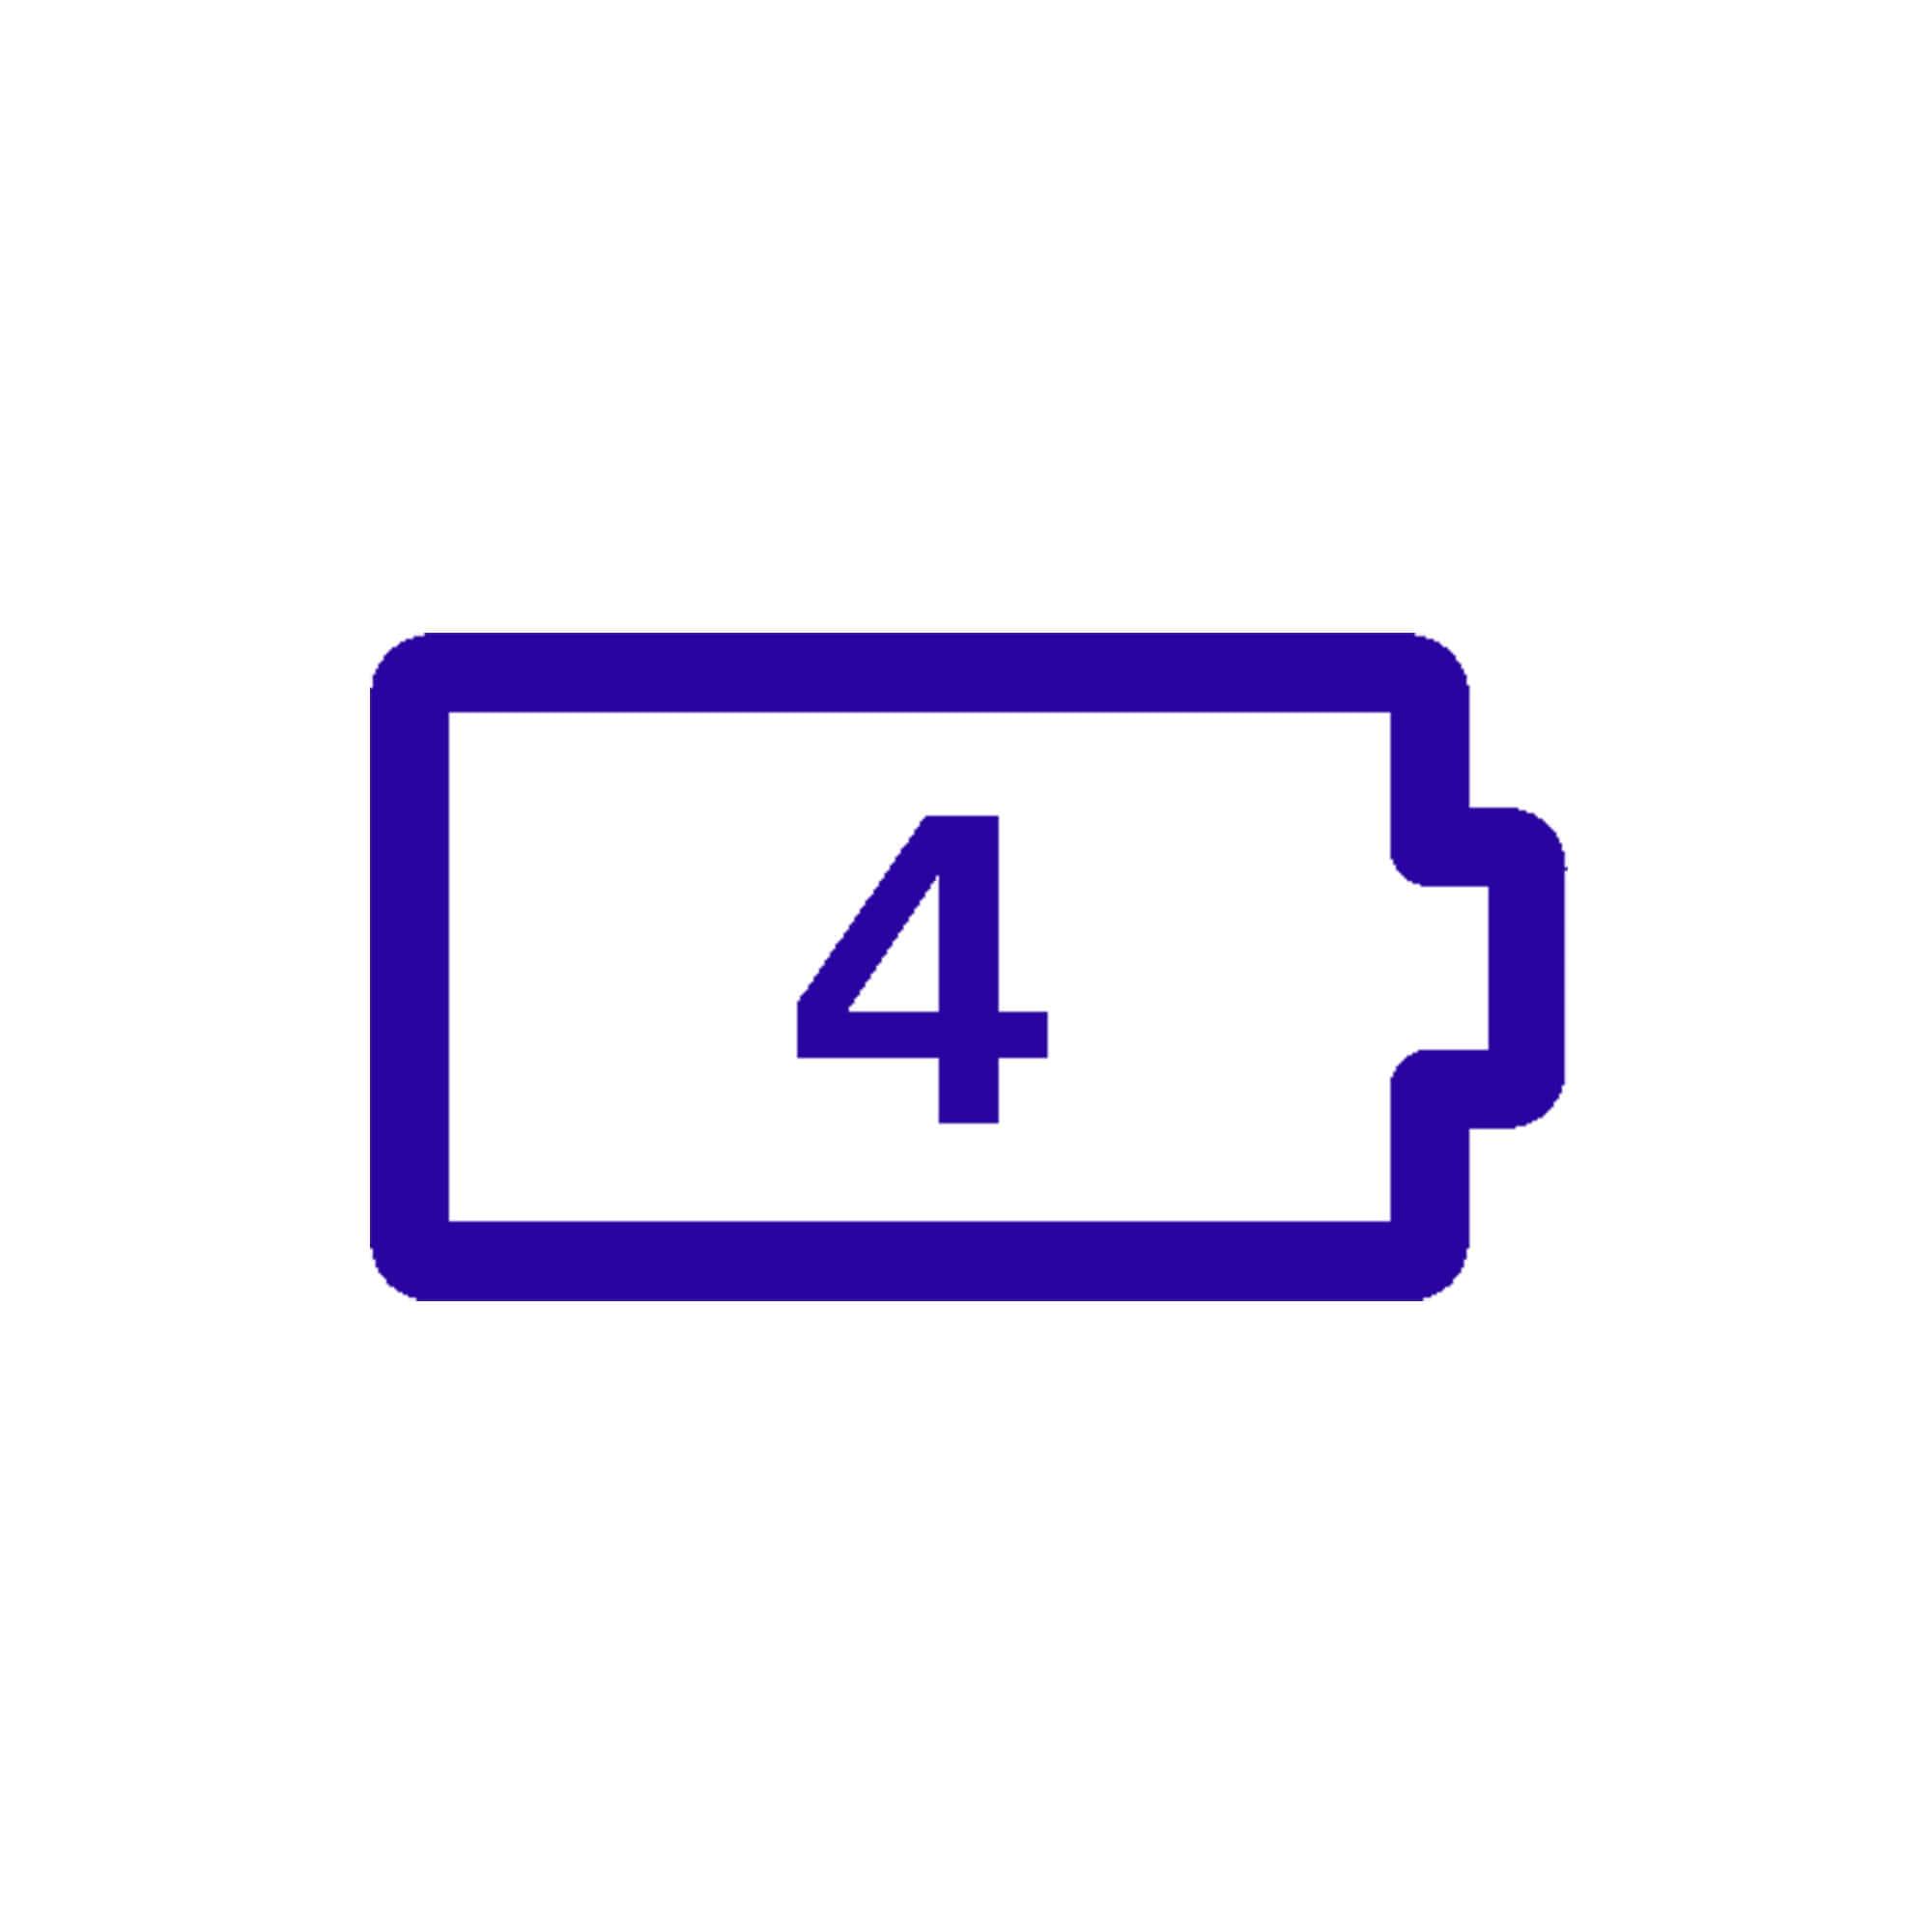 icône de longue durée de vie de la batterie